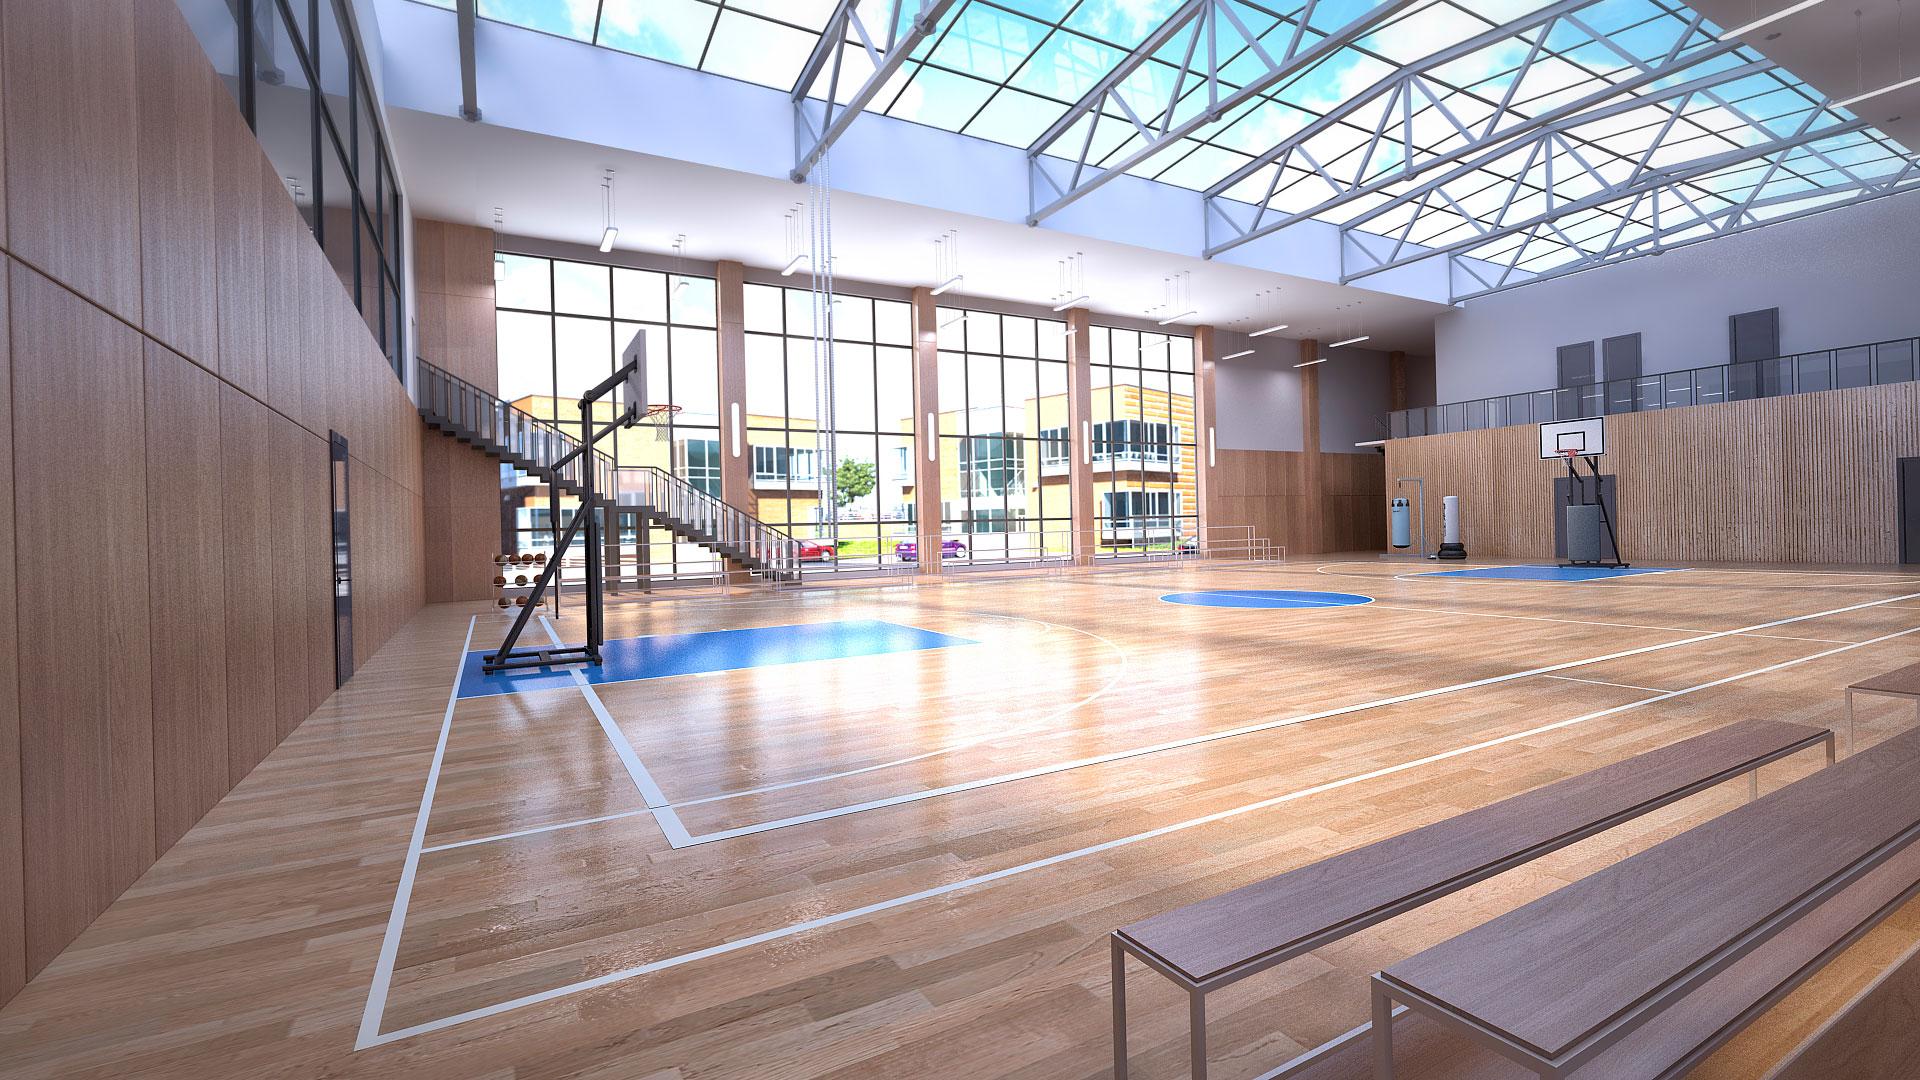 Внутренняя отделка спортивного комплекса.